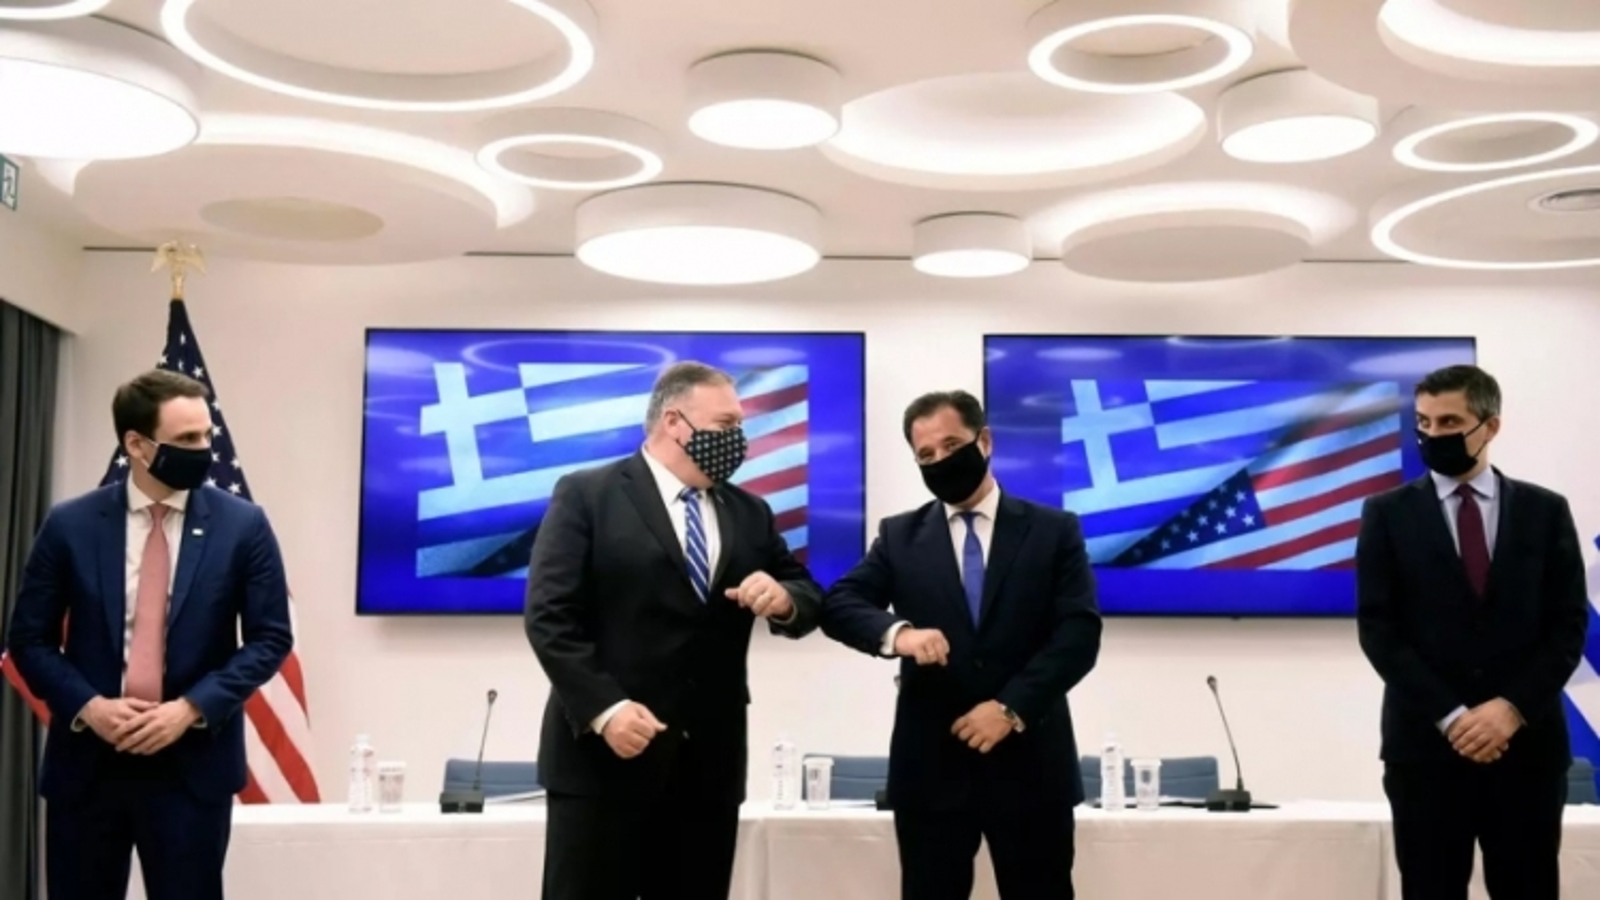 """Mỹ sẽ sử dụng ảnh hưởng của mình để """"giảm leo thang"""" ở Đông Địa Trung Hải"""